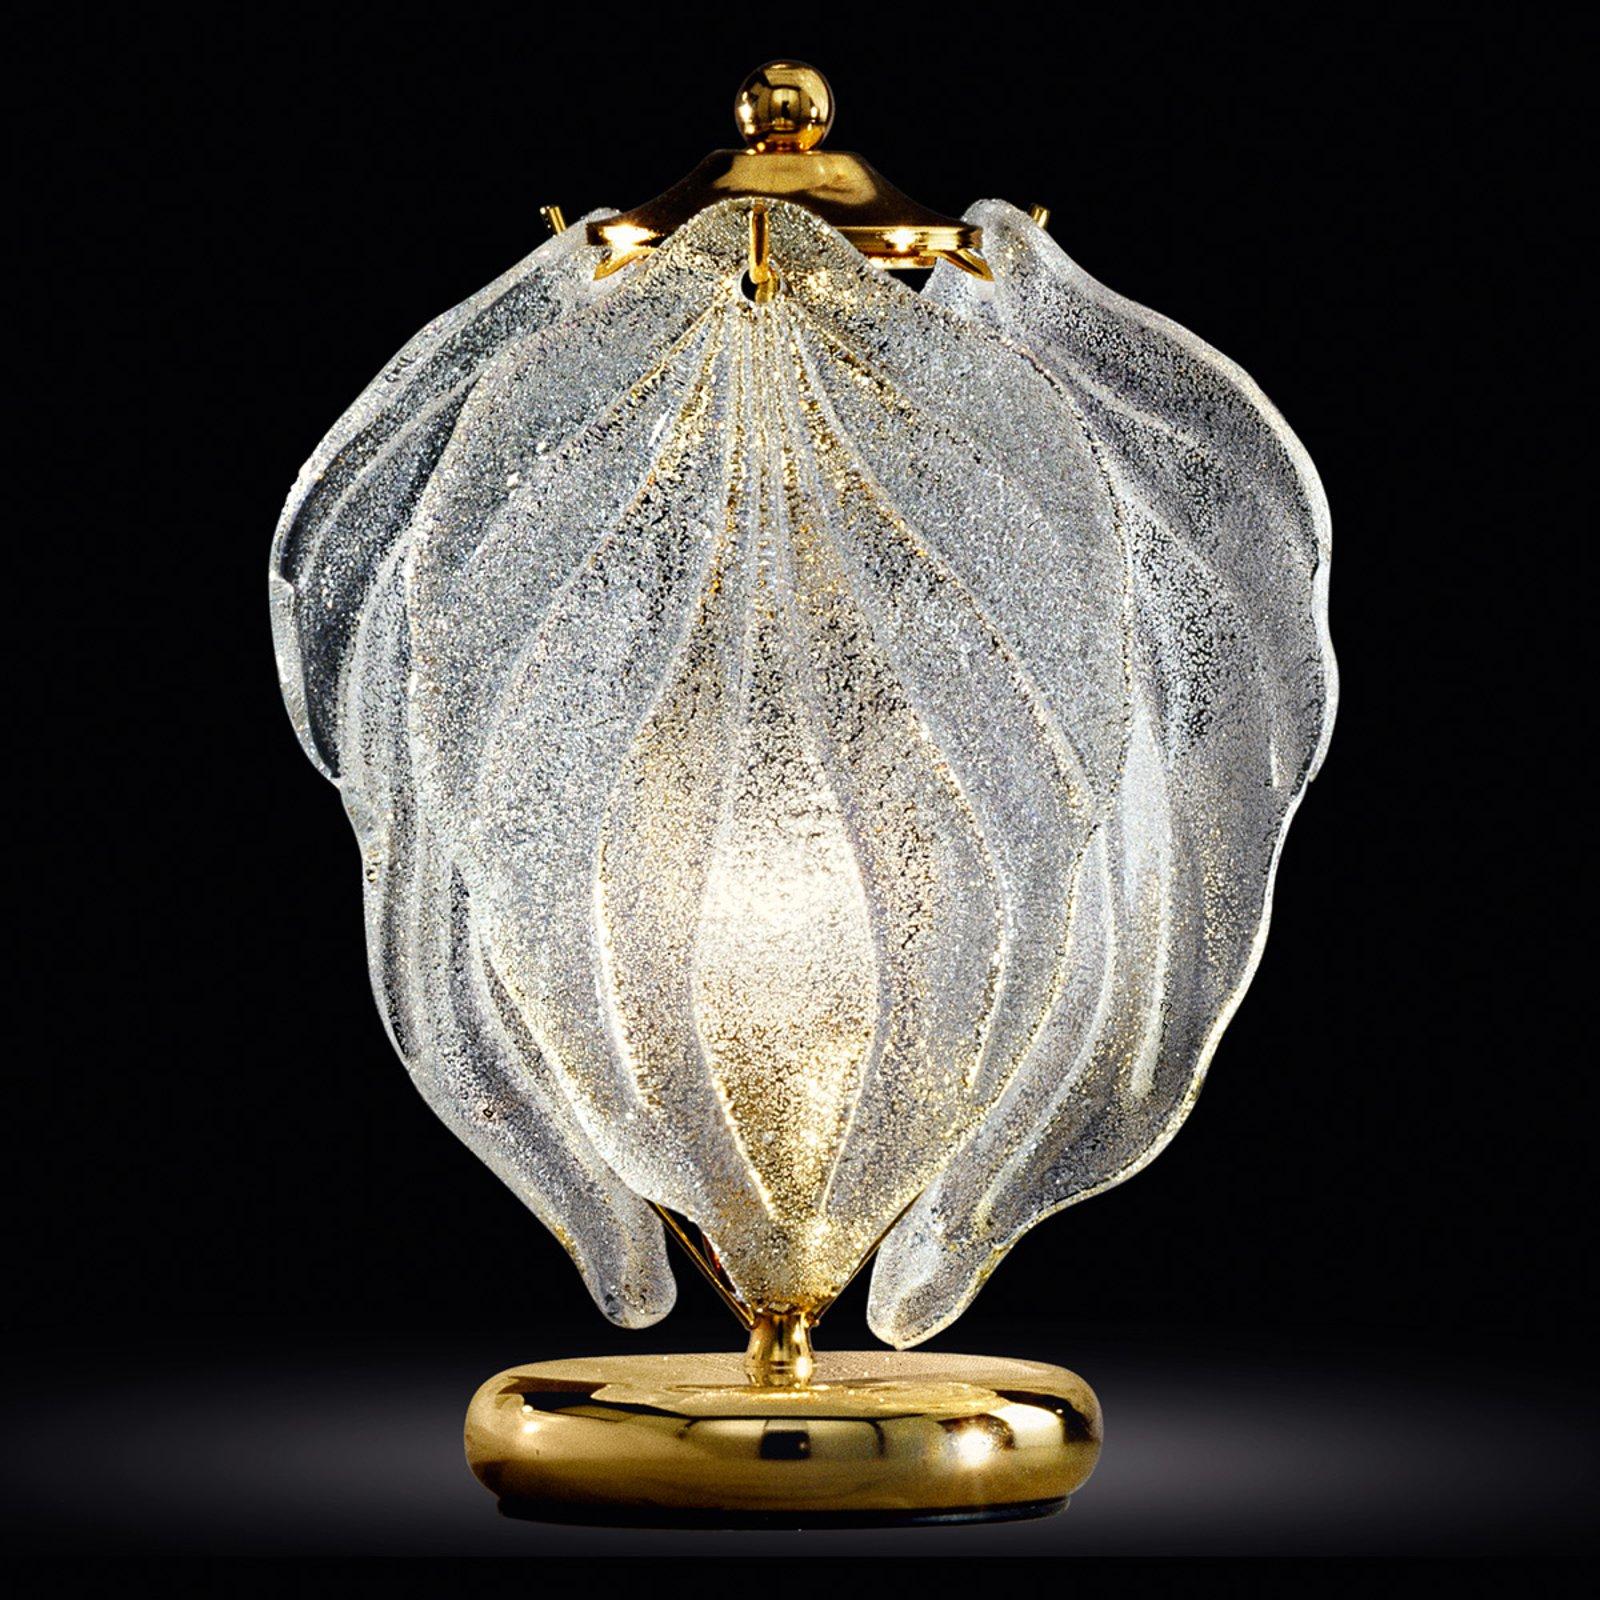 Glass-bordlampe Foglie av Murano-glass